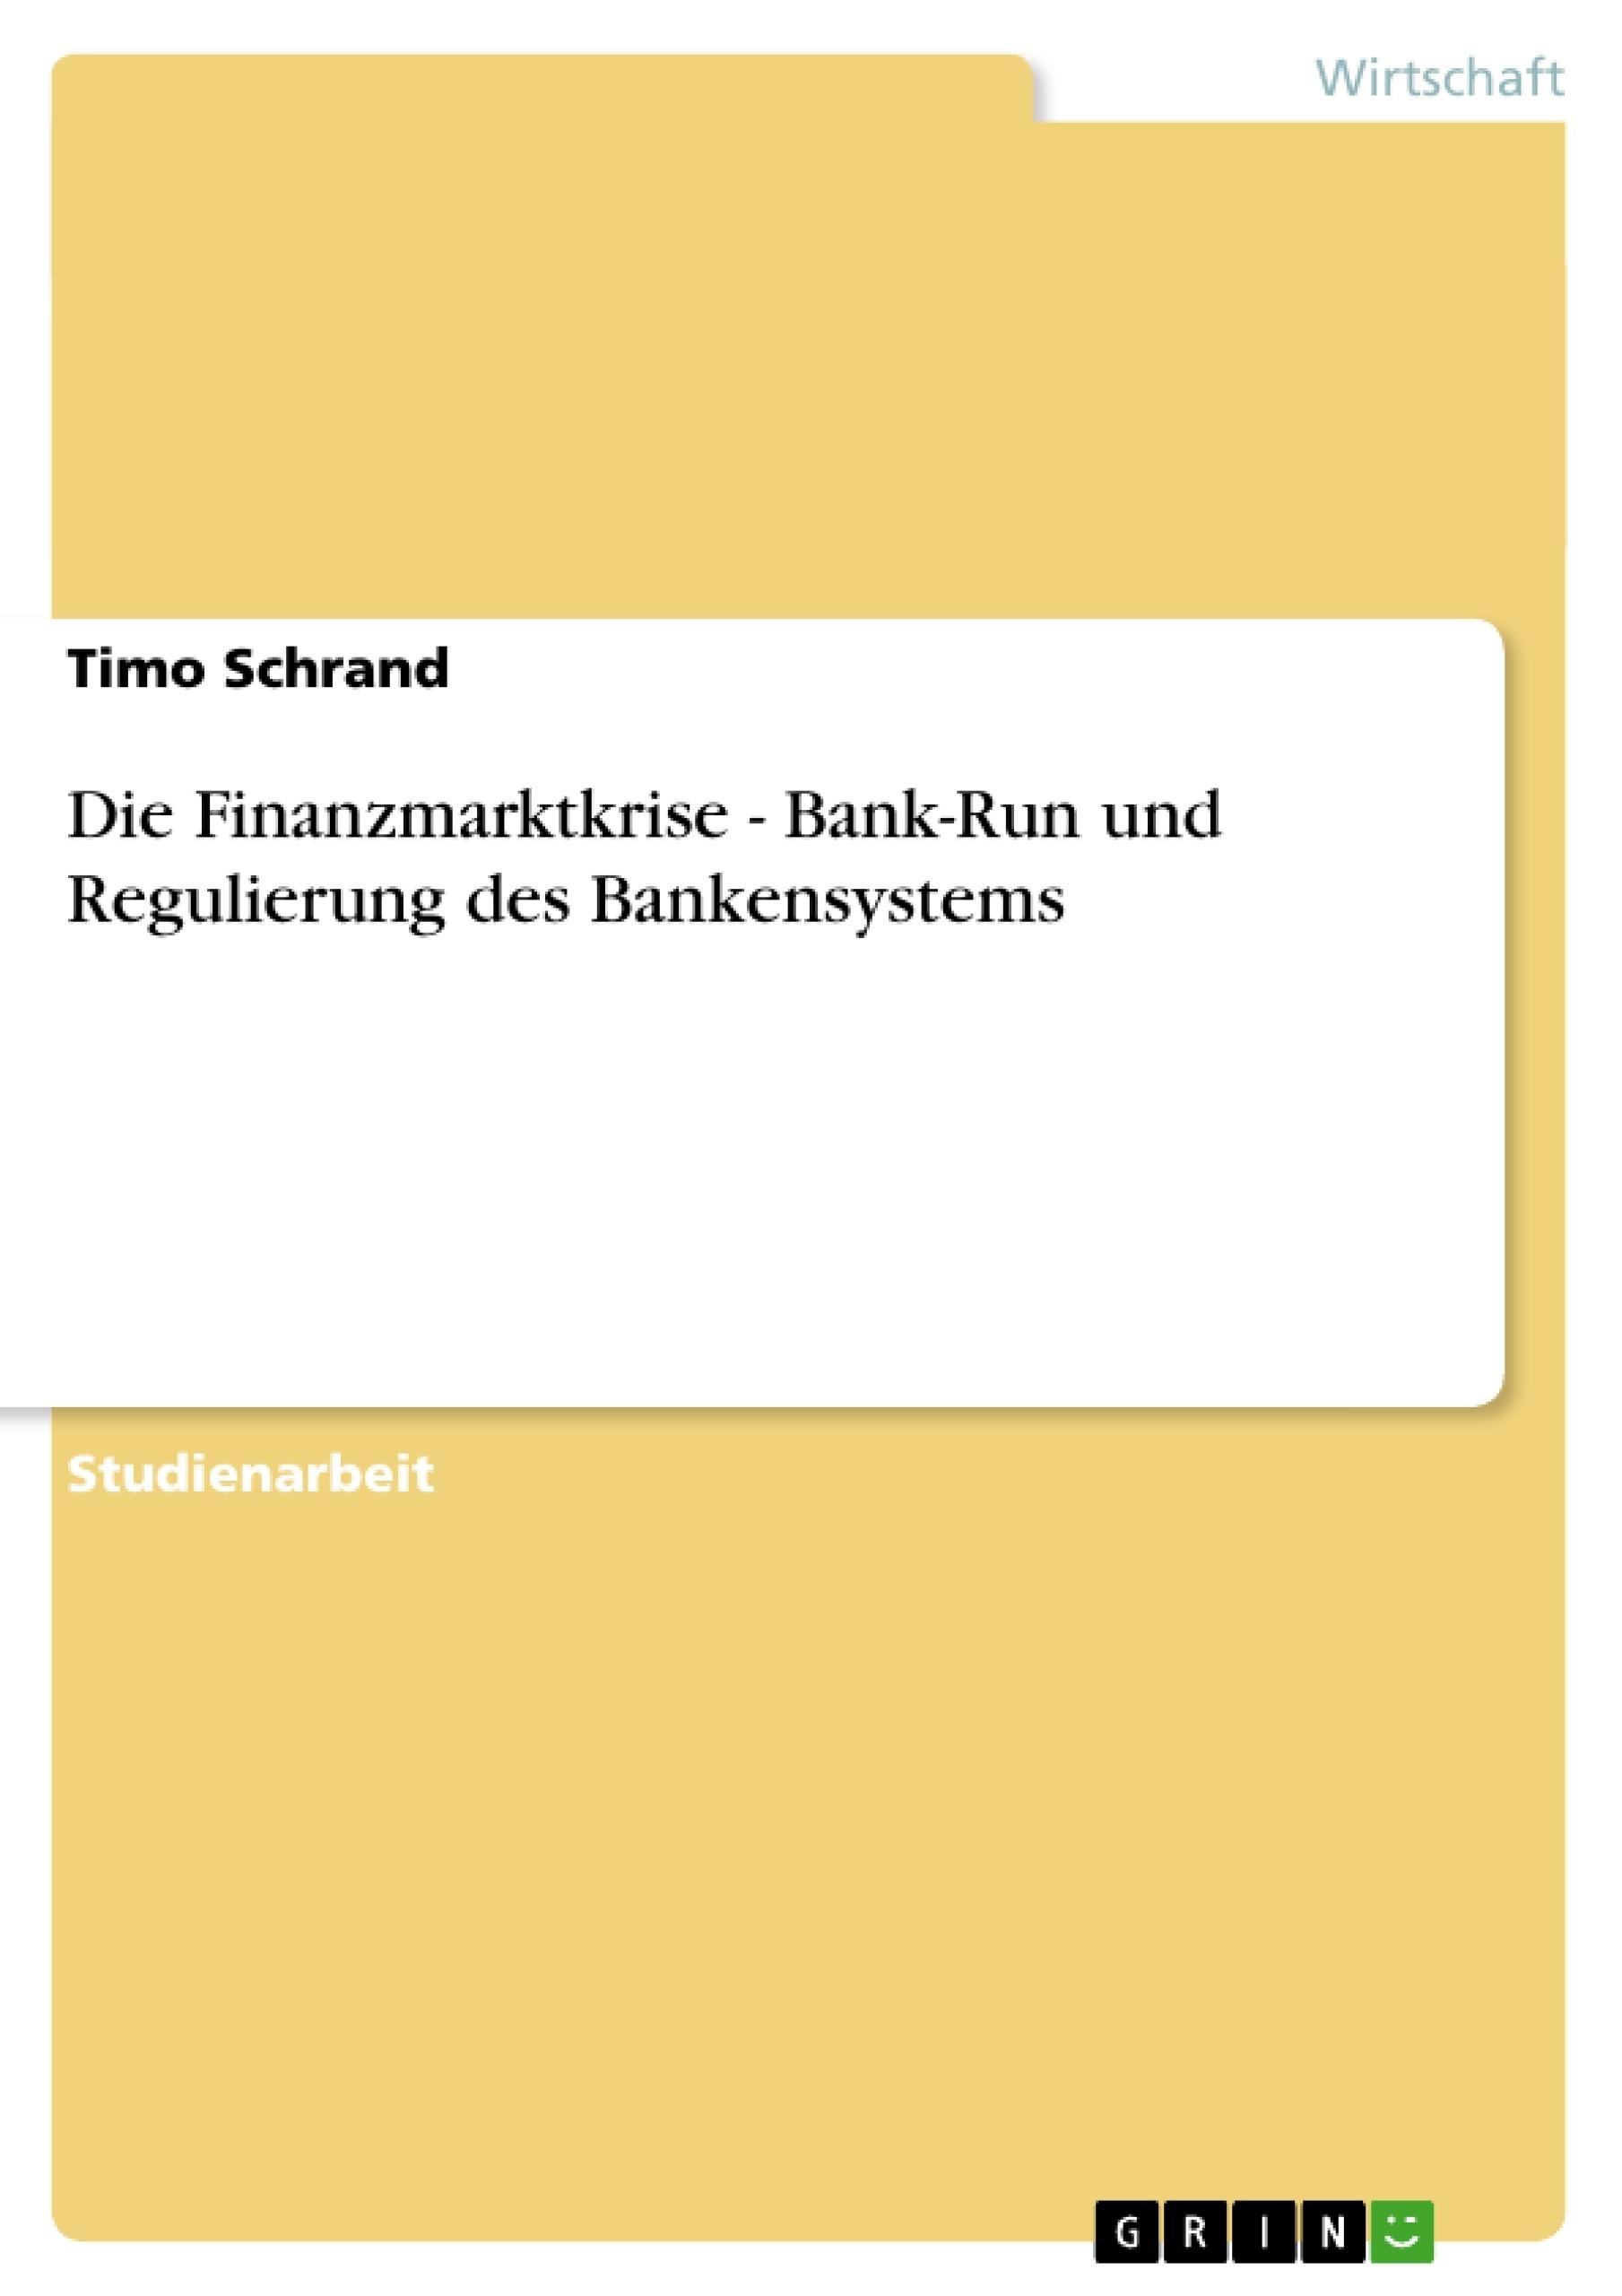 Titel: Die Finanzmarktkrise - Bank-Run und Regulierung des Bankensystems